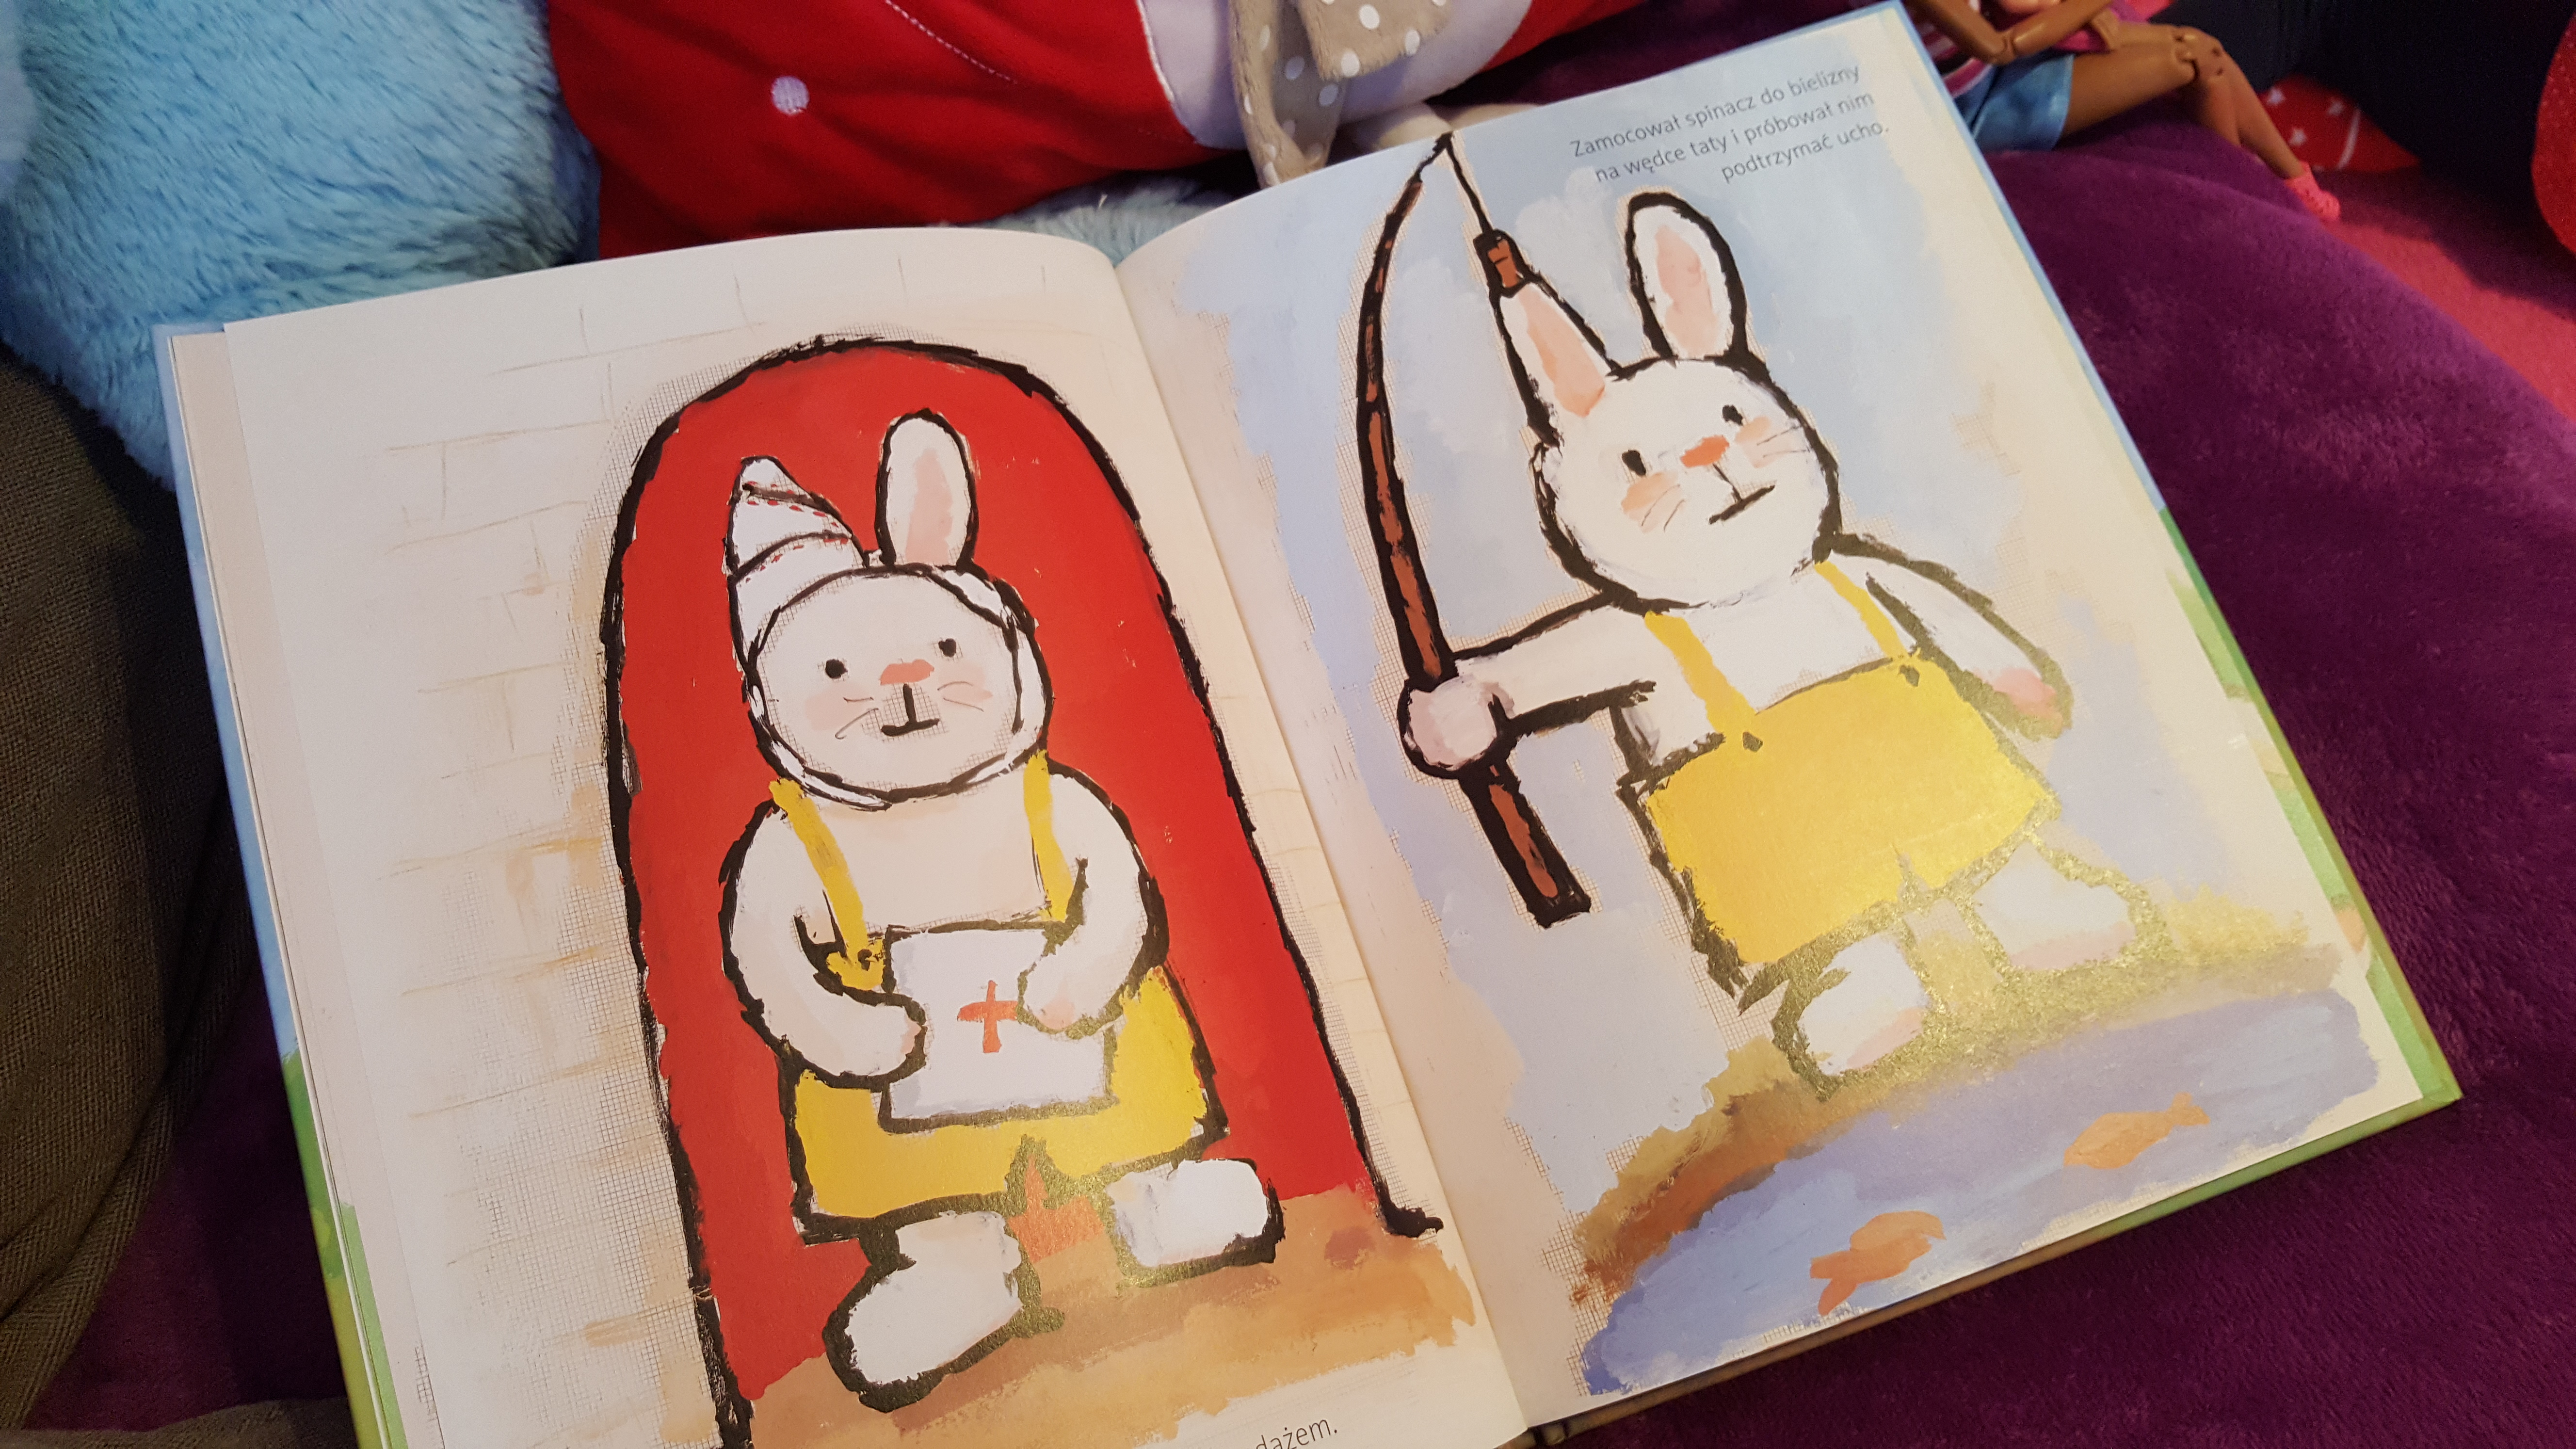 książki dla dzieci o tolerancji